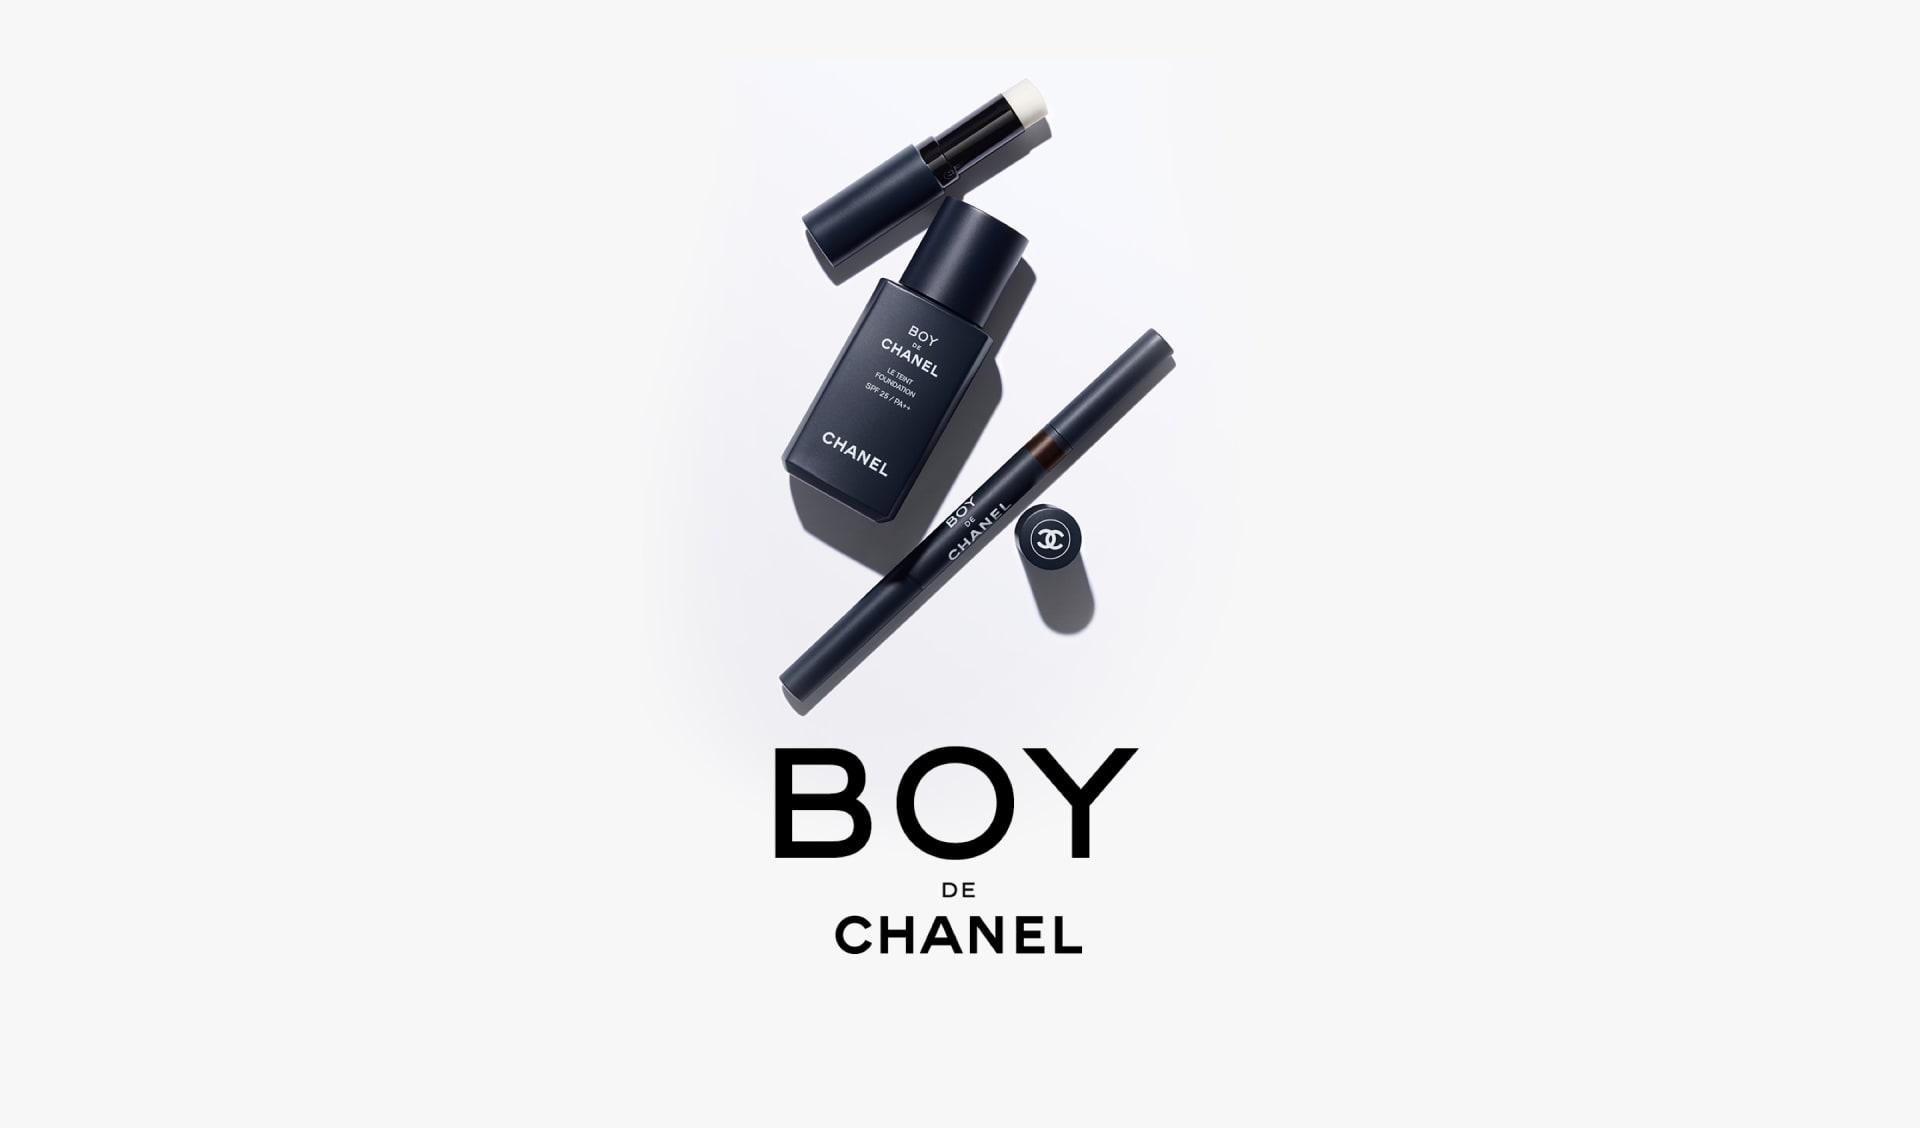 """Chanel lancia """"Boy"""", una linea di trucchi dedicata all'uomo (etero), ed è subito polemica!"""